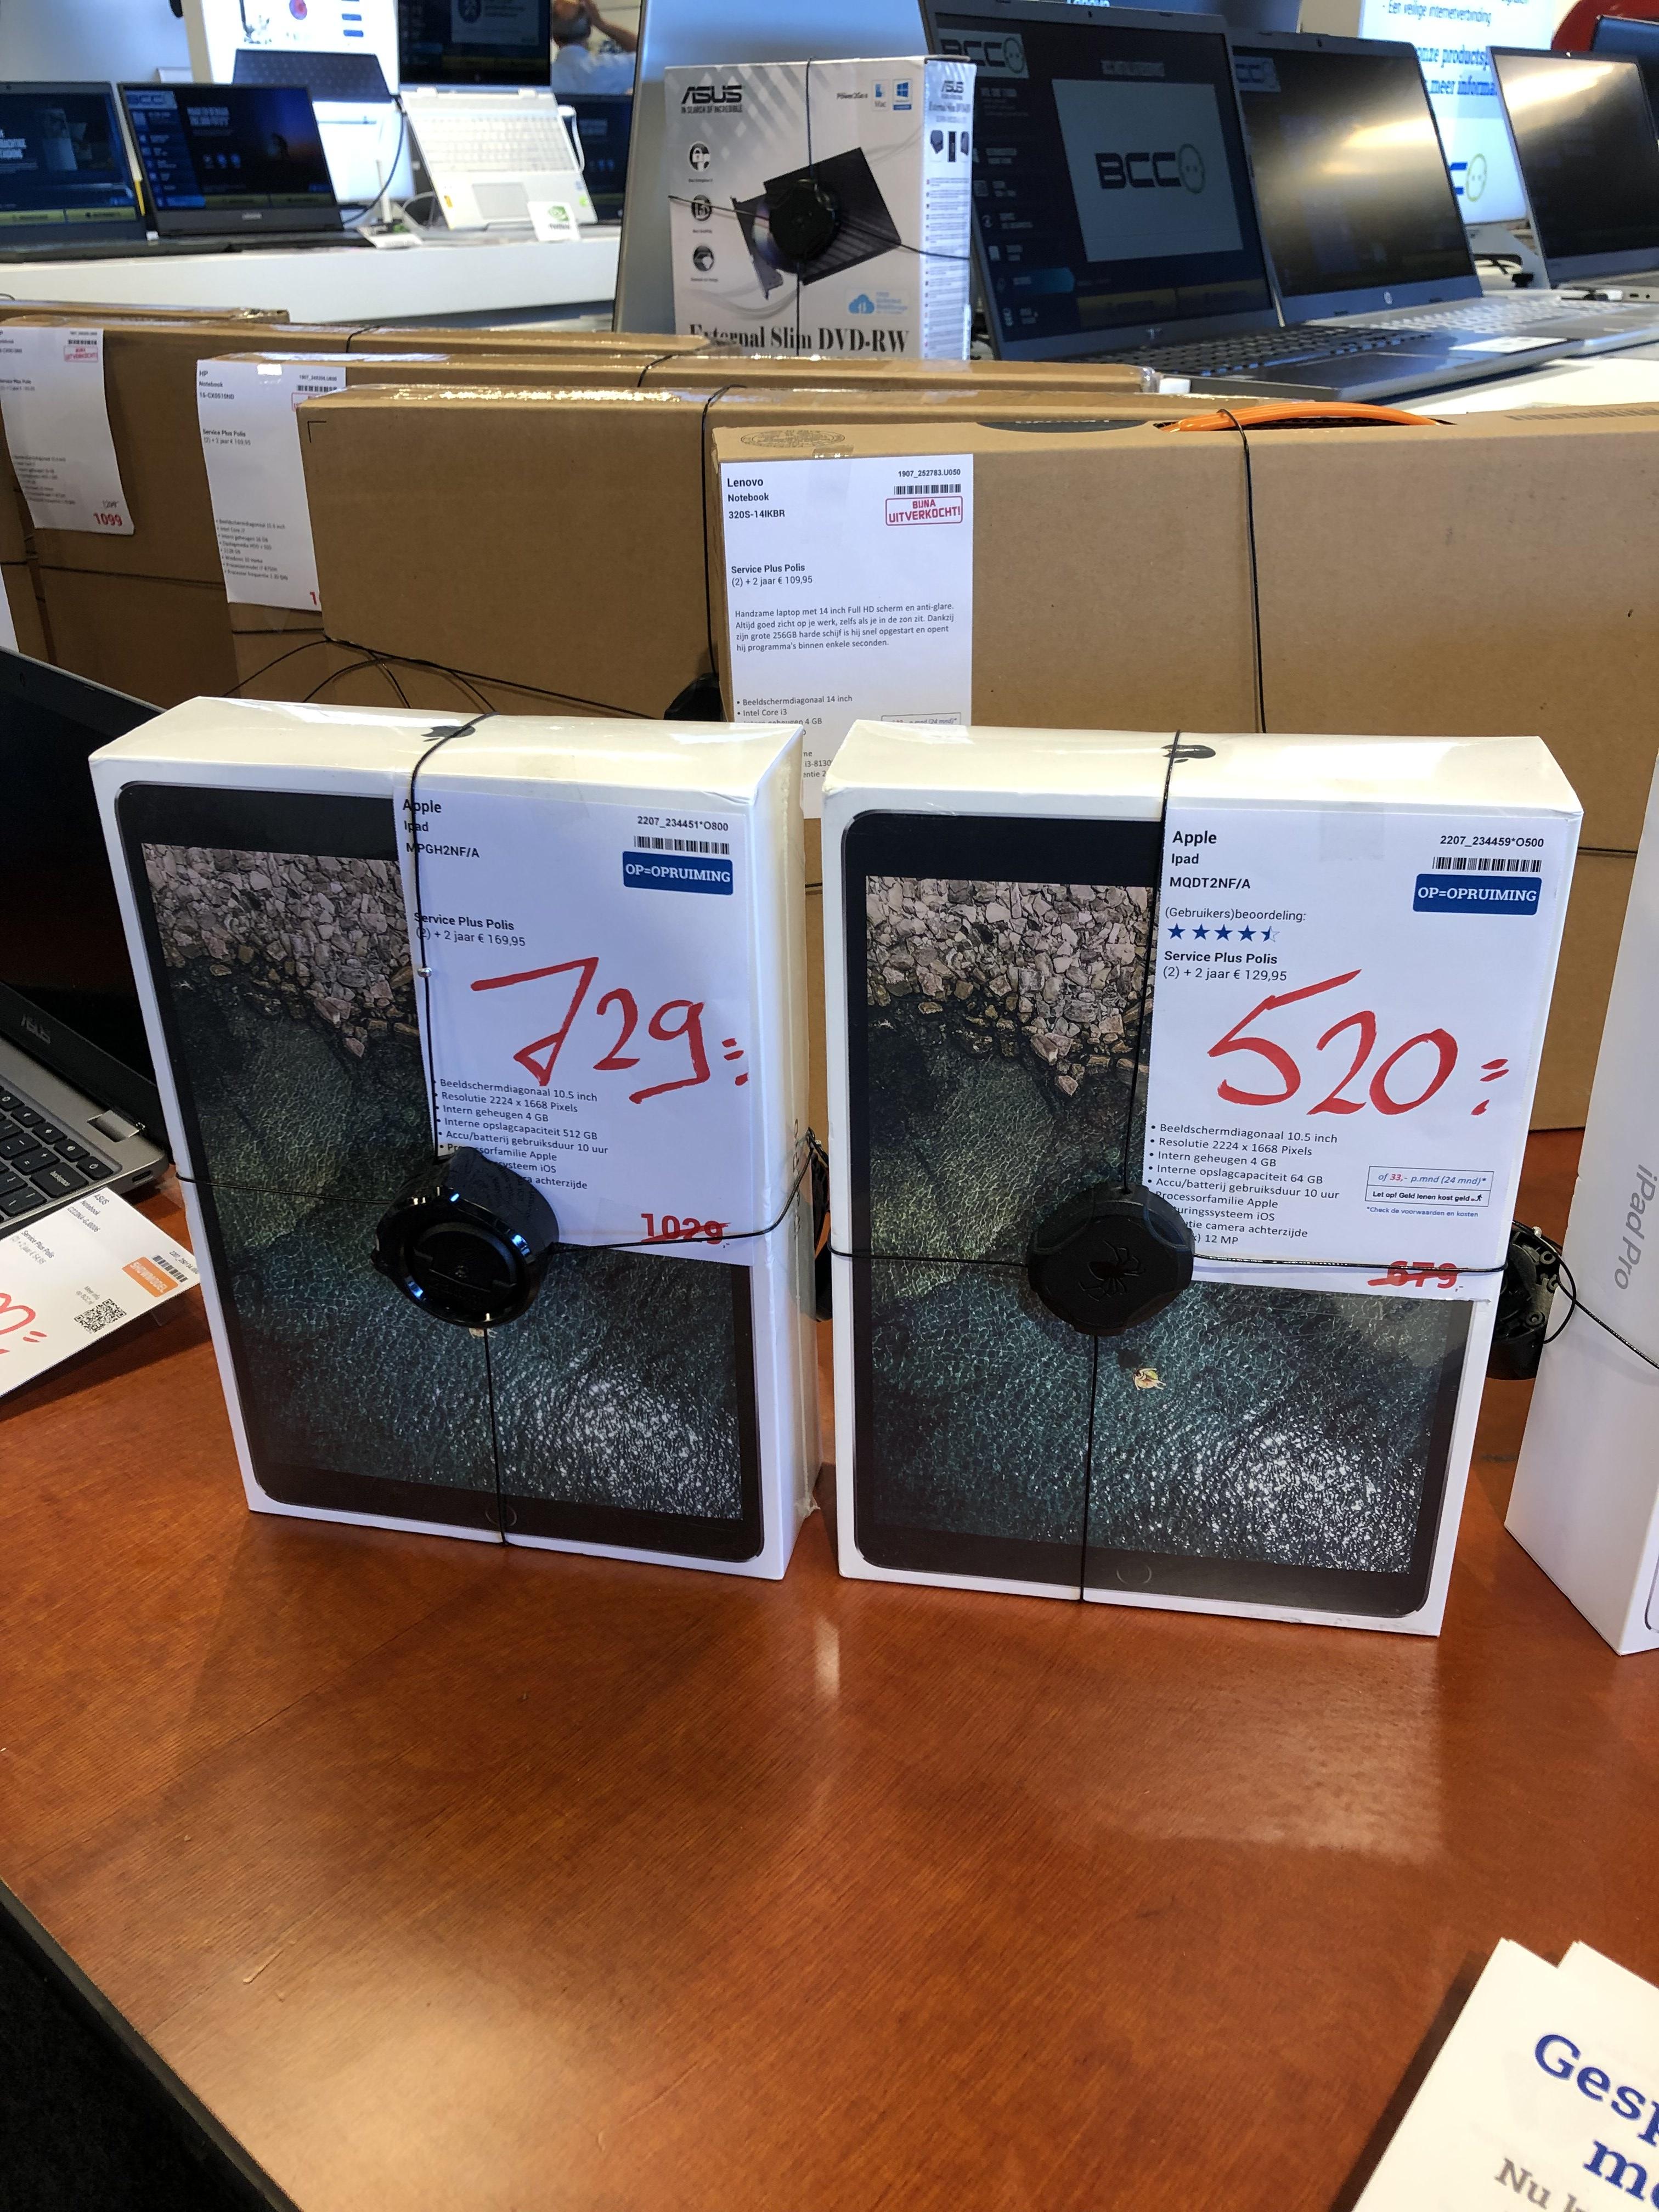 Lokaal flink afgeprijsde Apple iPad pro's! Bcc den Bosch